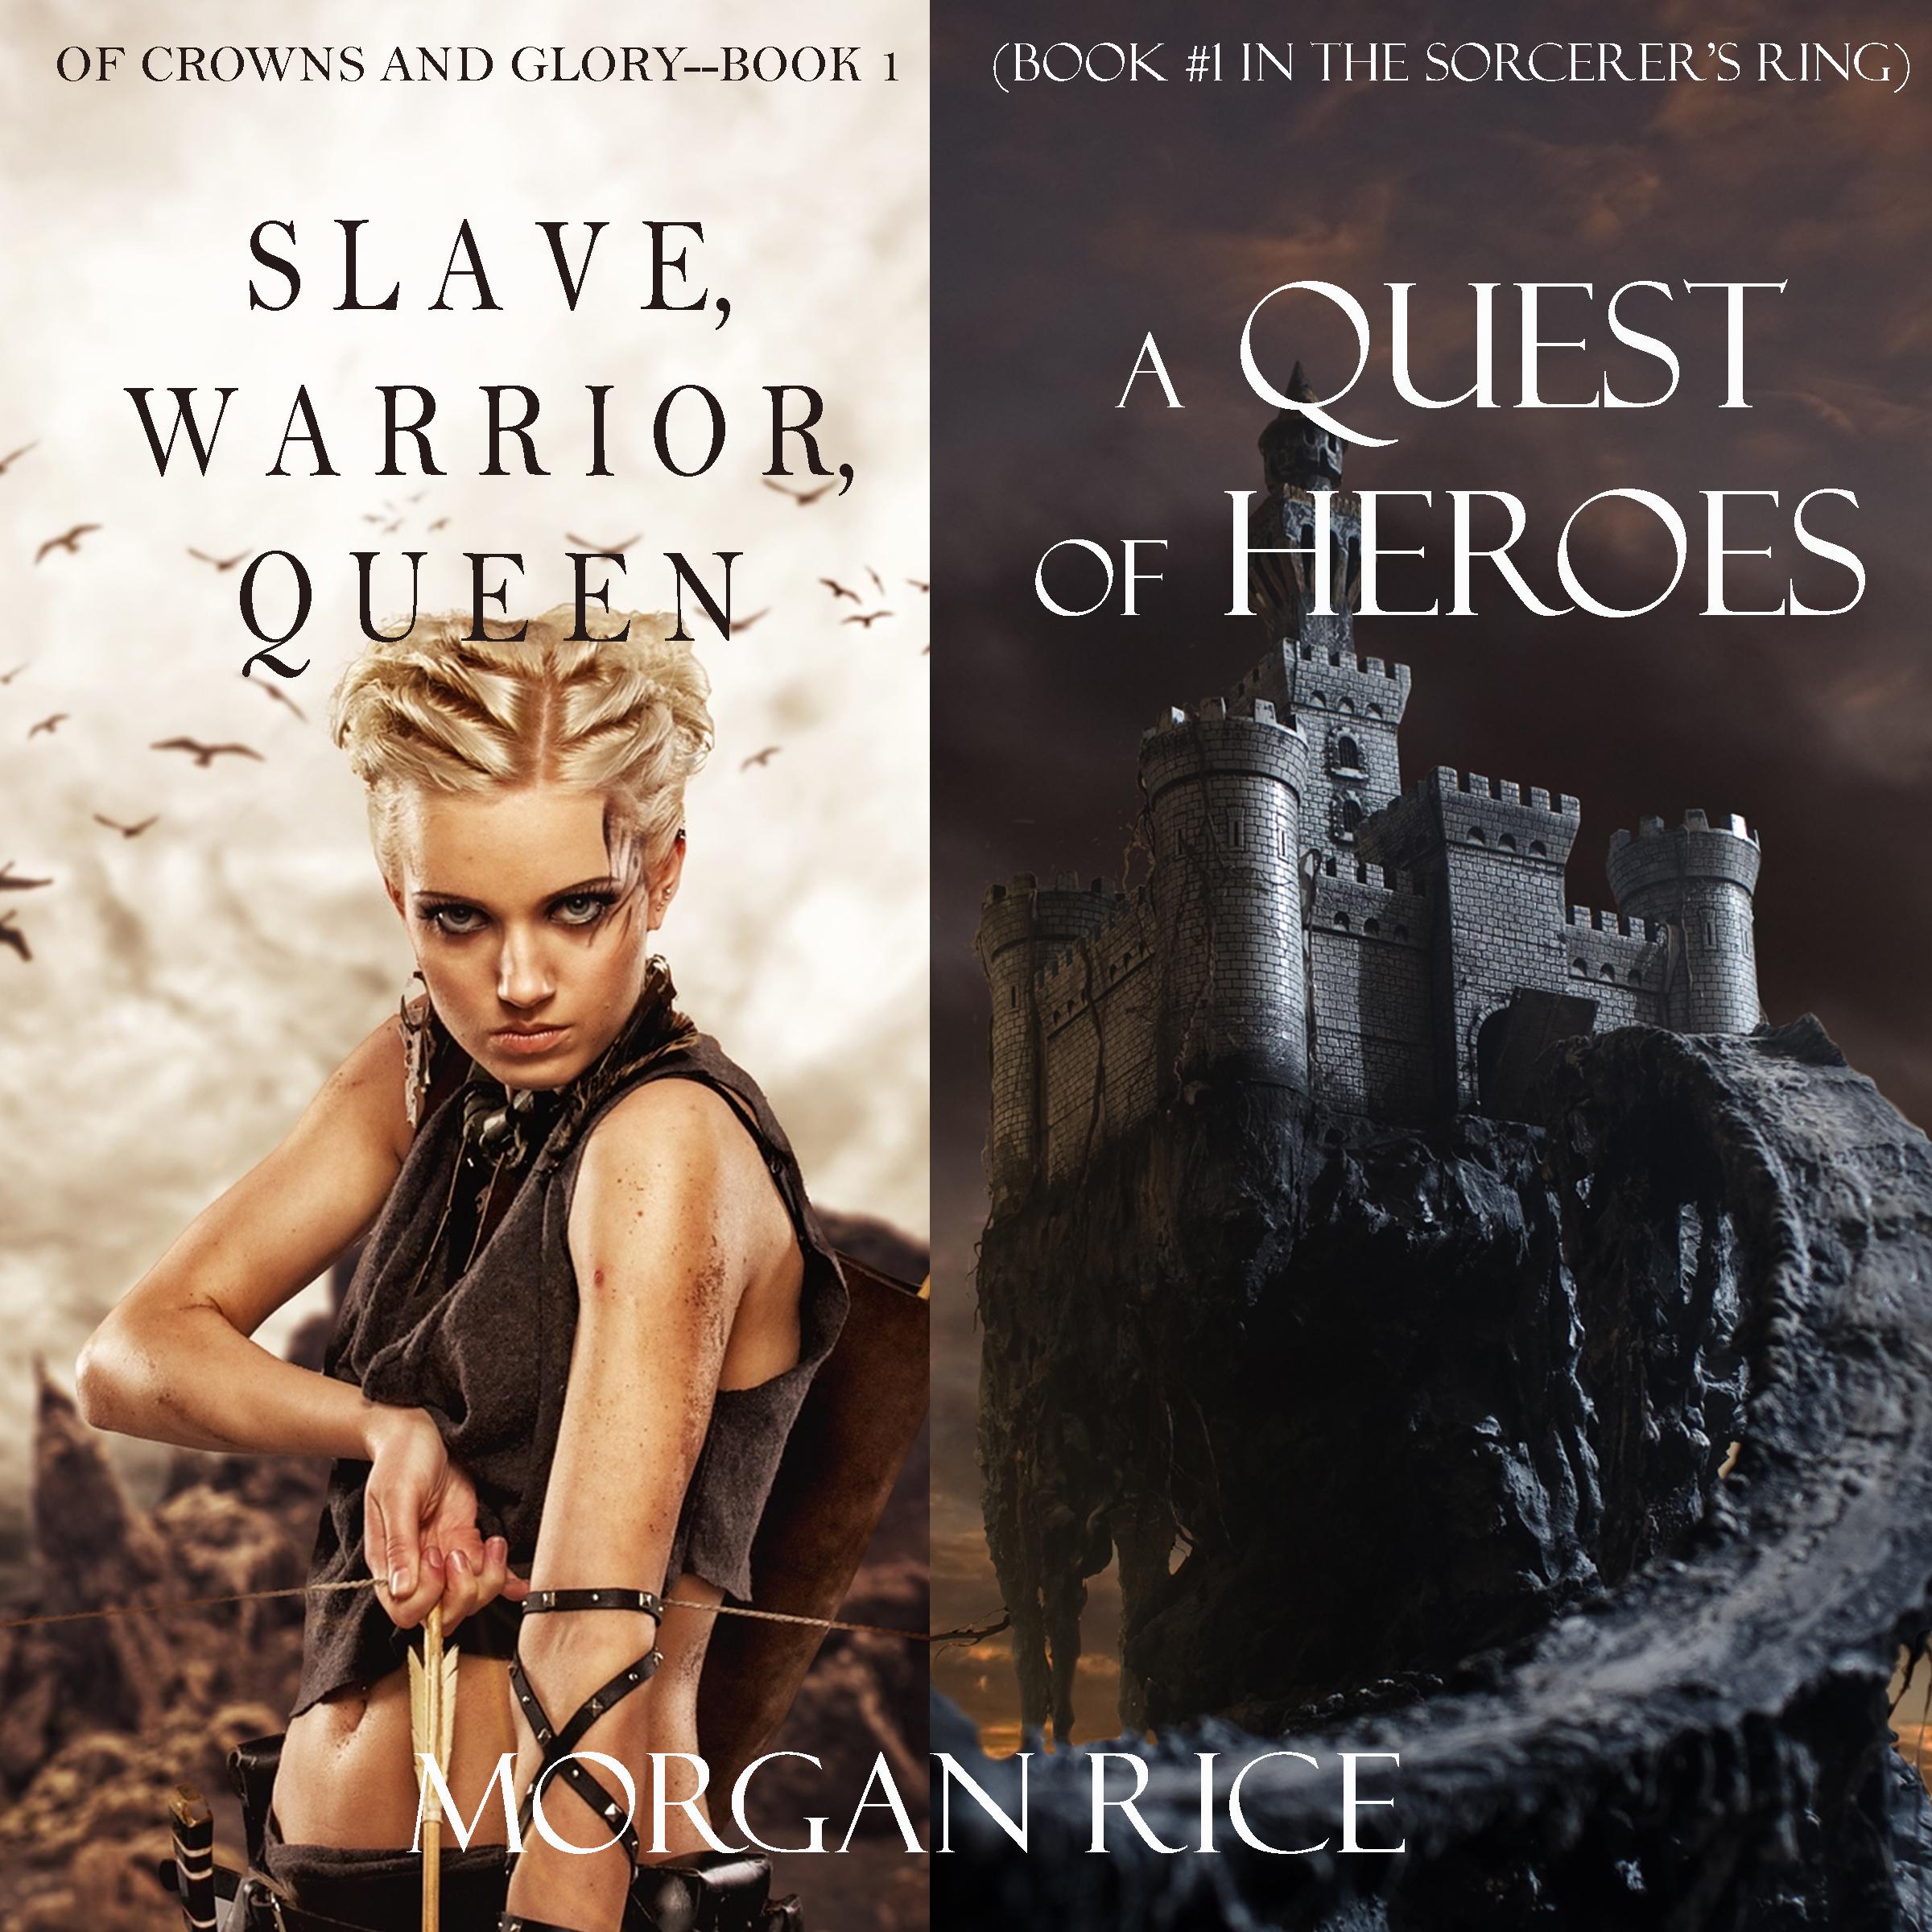 A Quest of Heroes & Slave, Warrior, Queen Bundle